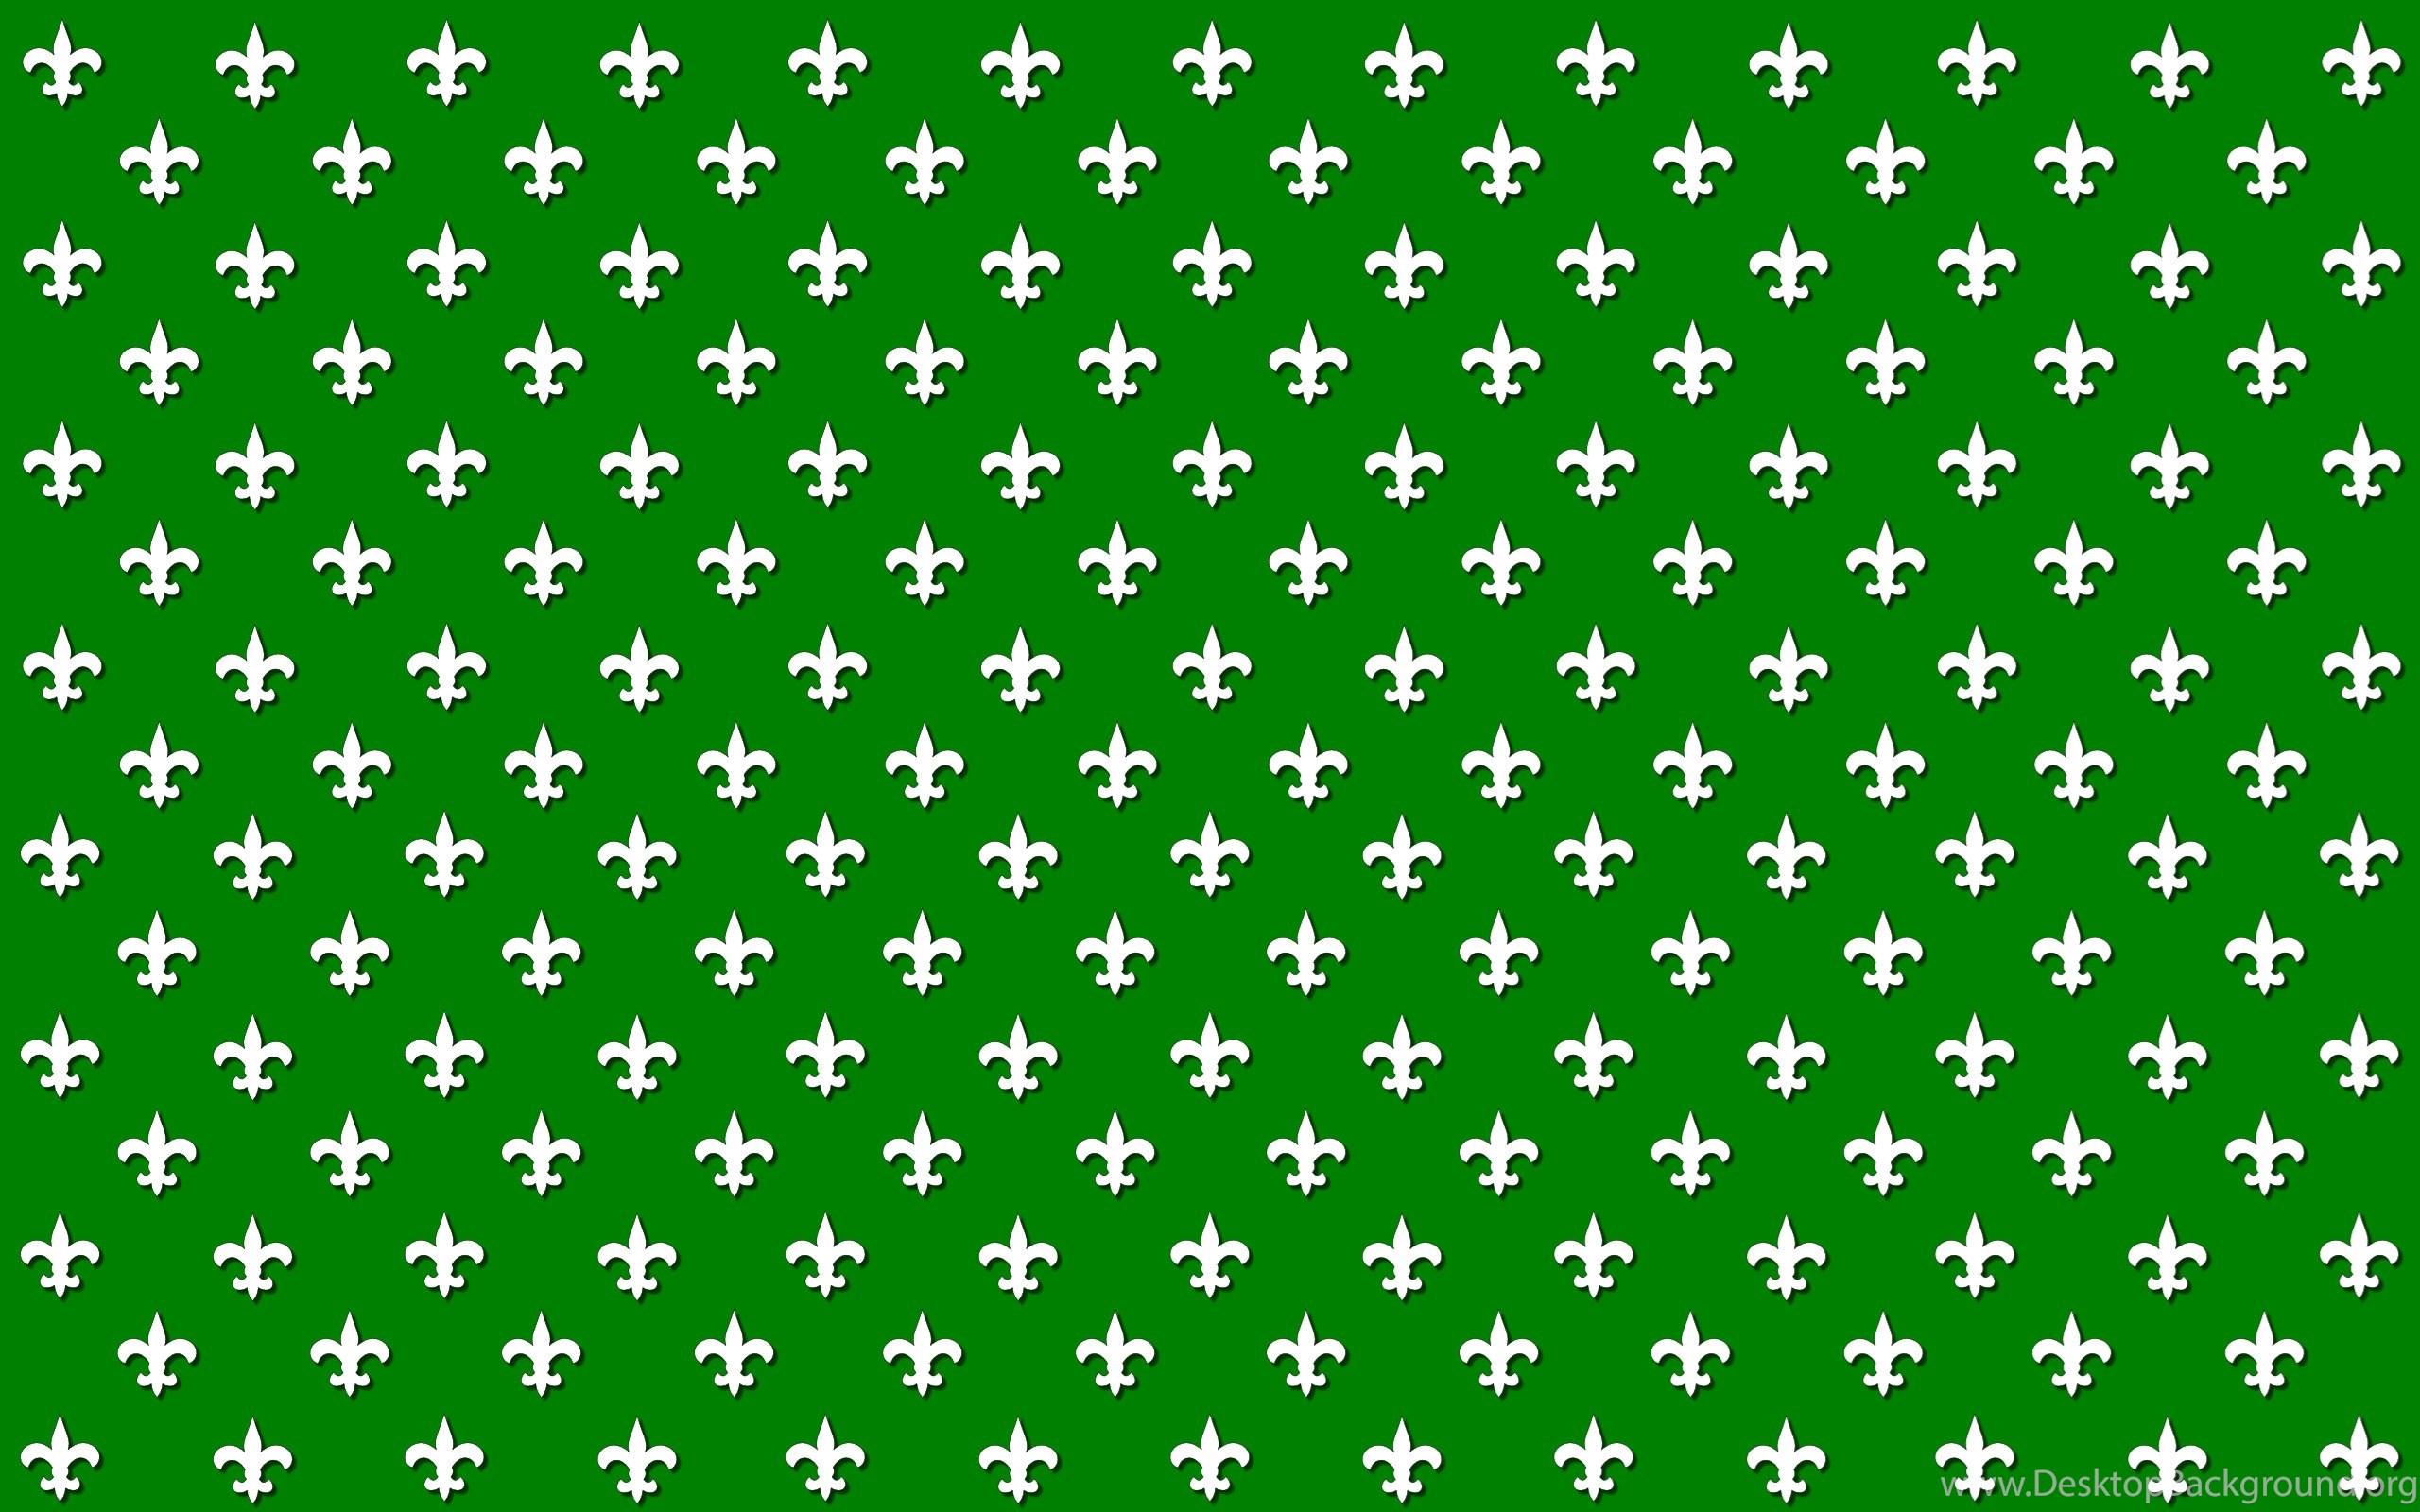 Wallpapers Simple Green Fleur De Lis Polka Dots Design 2560x1600